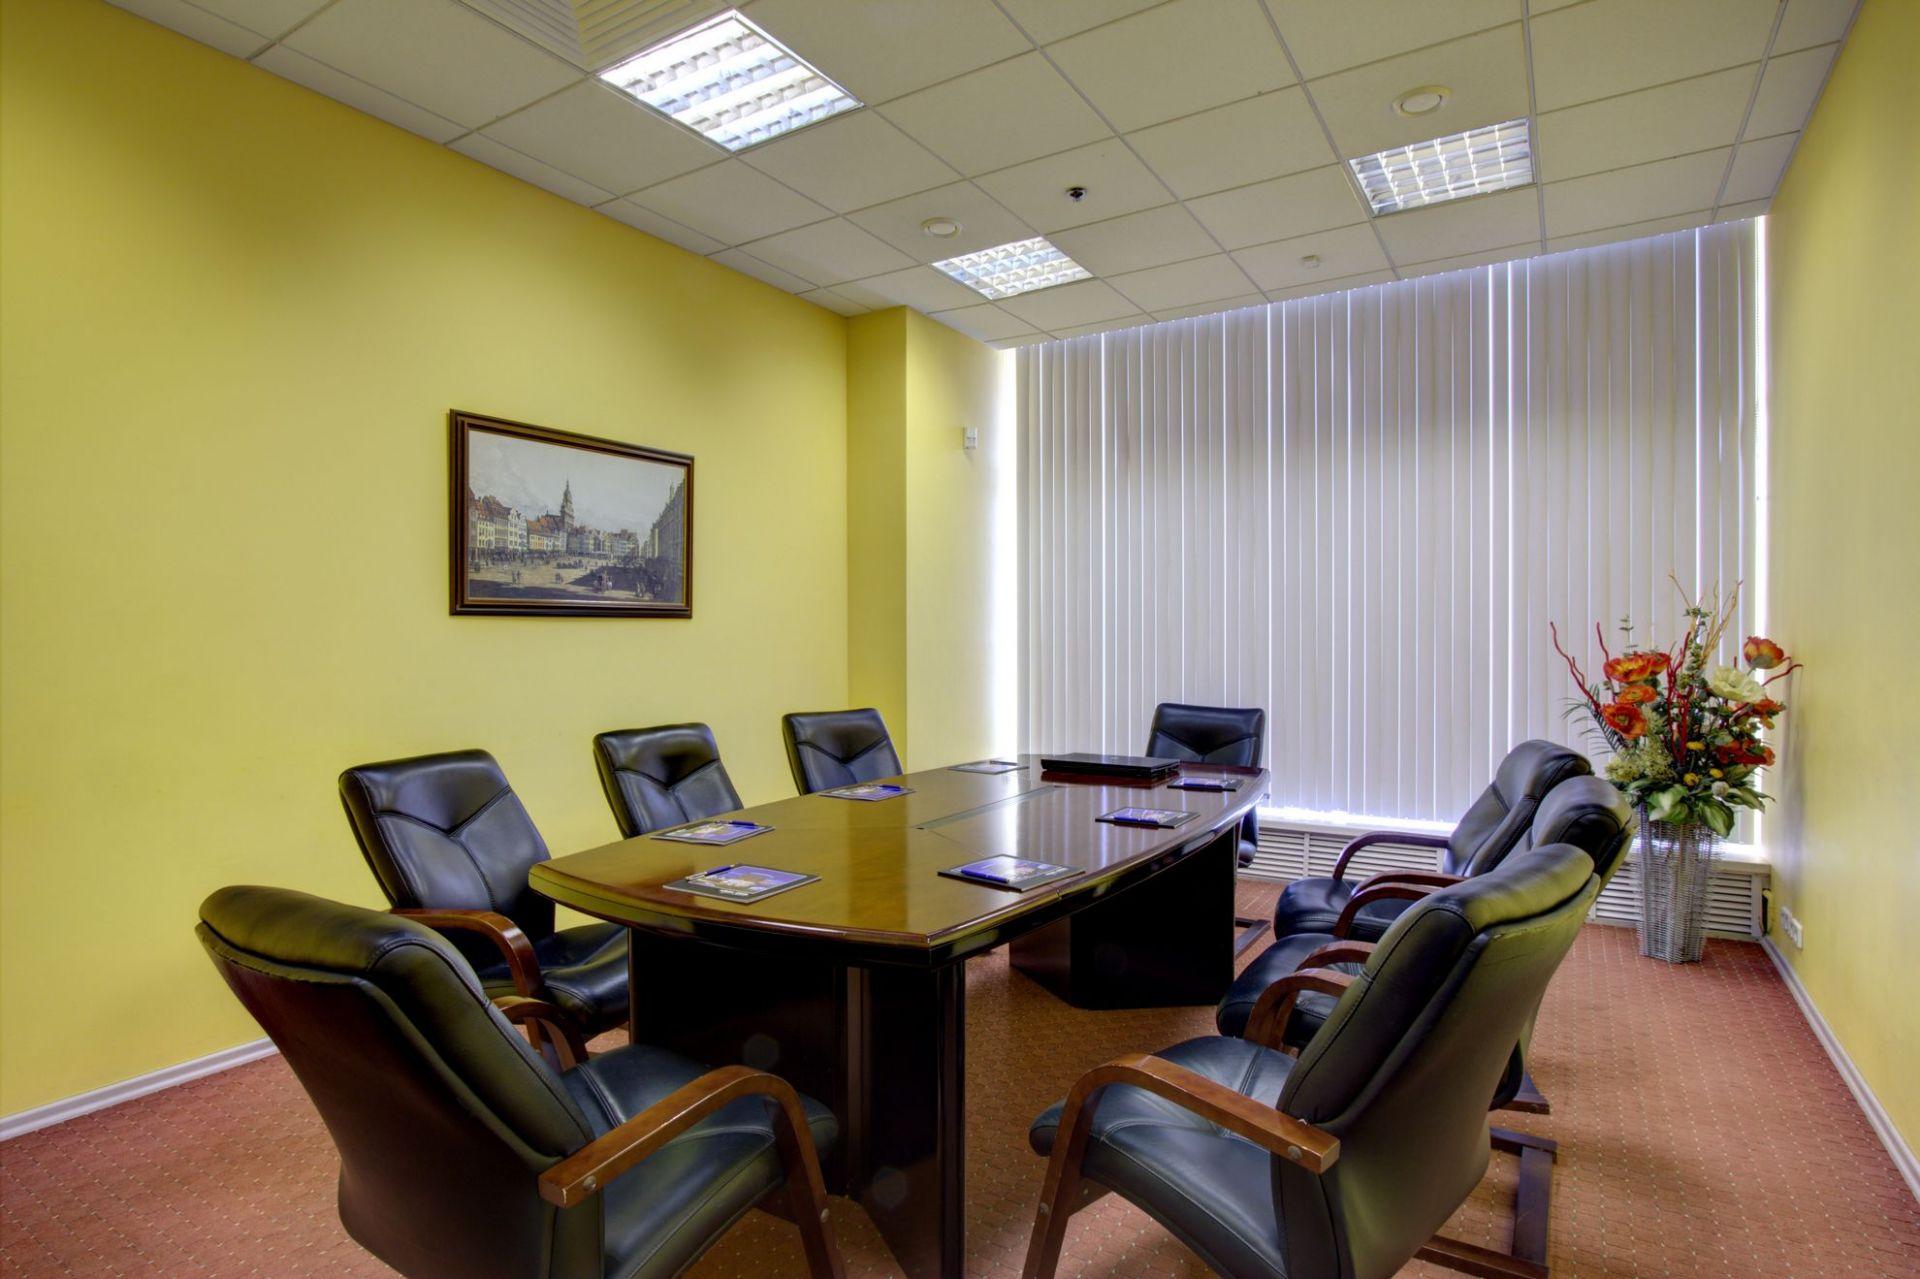 Small Meeting Hall